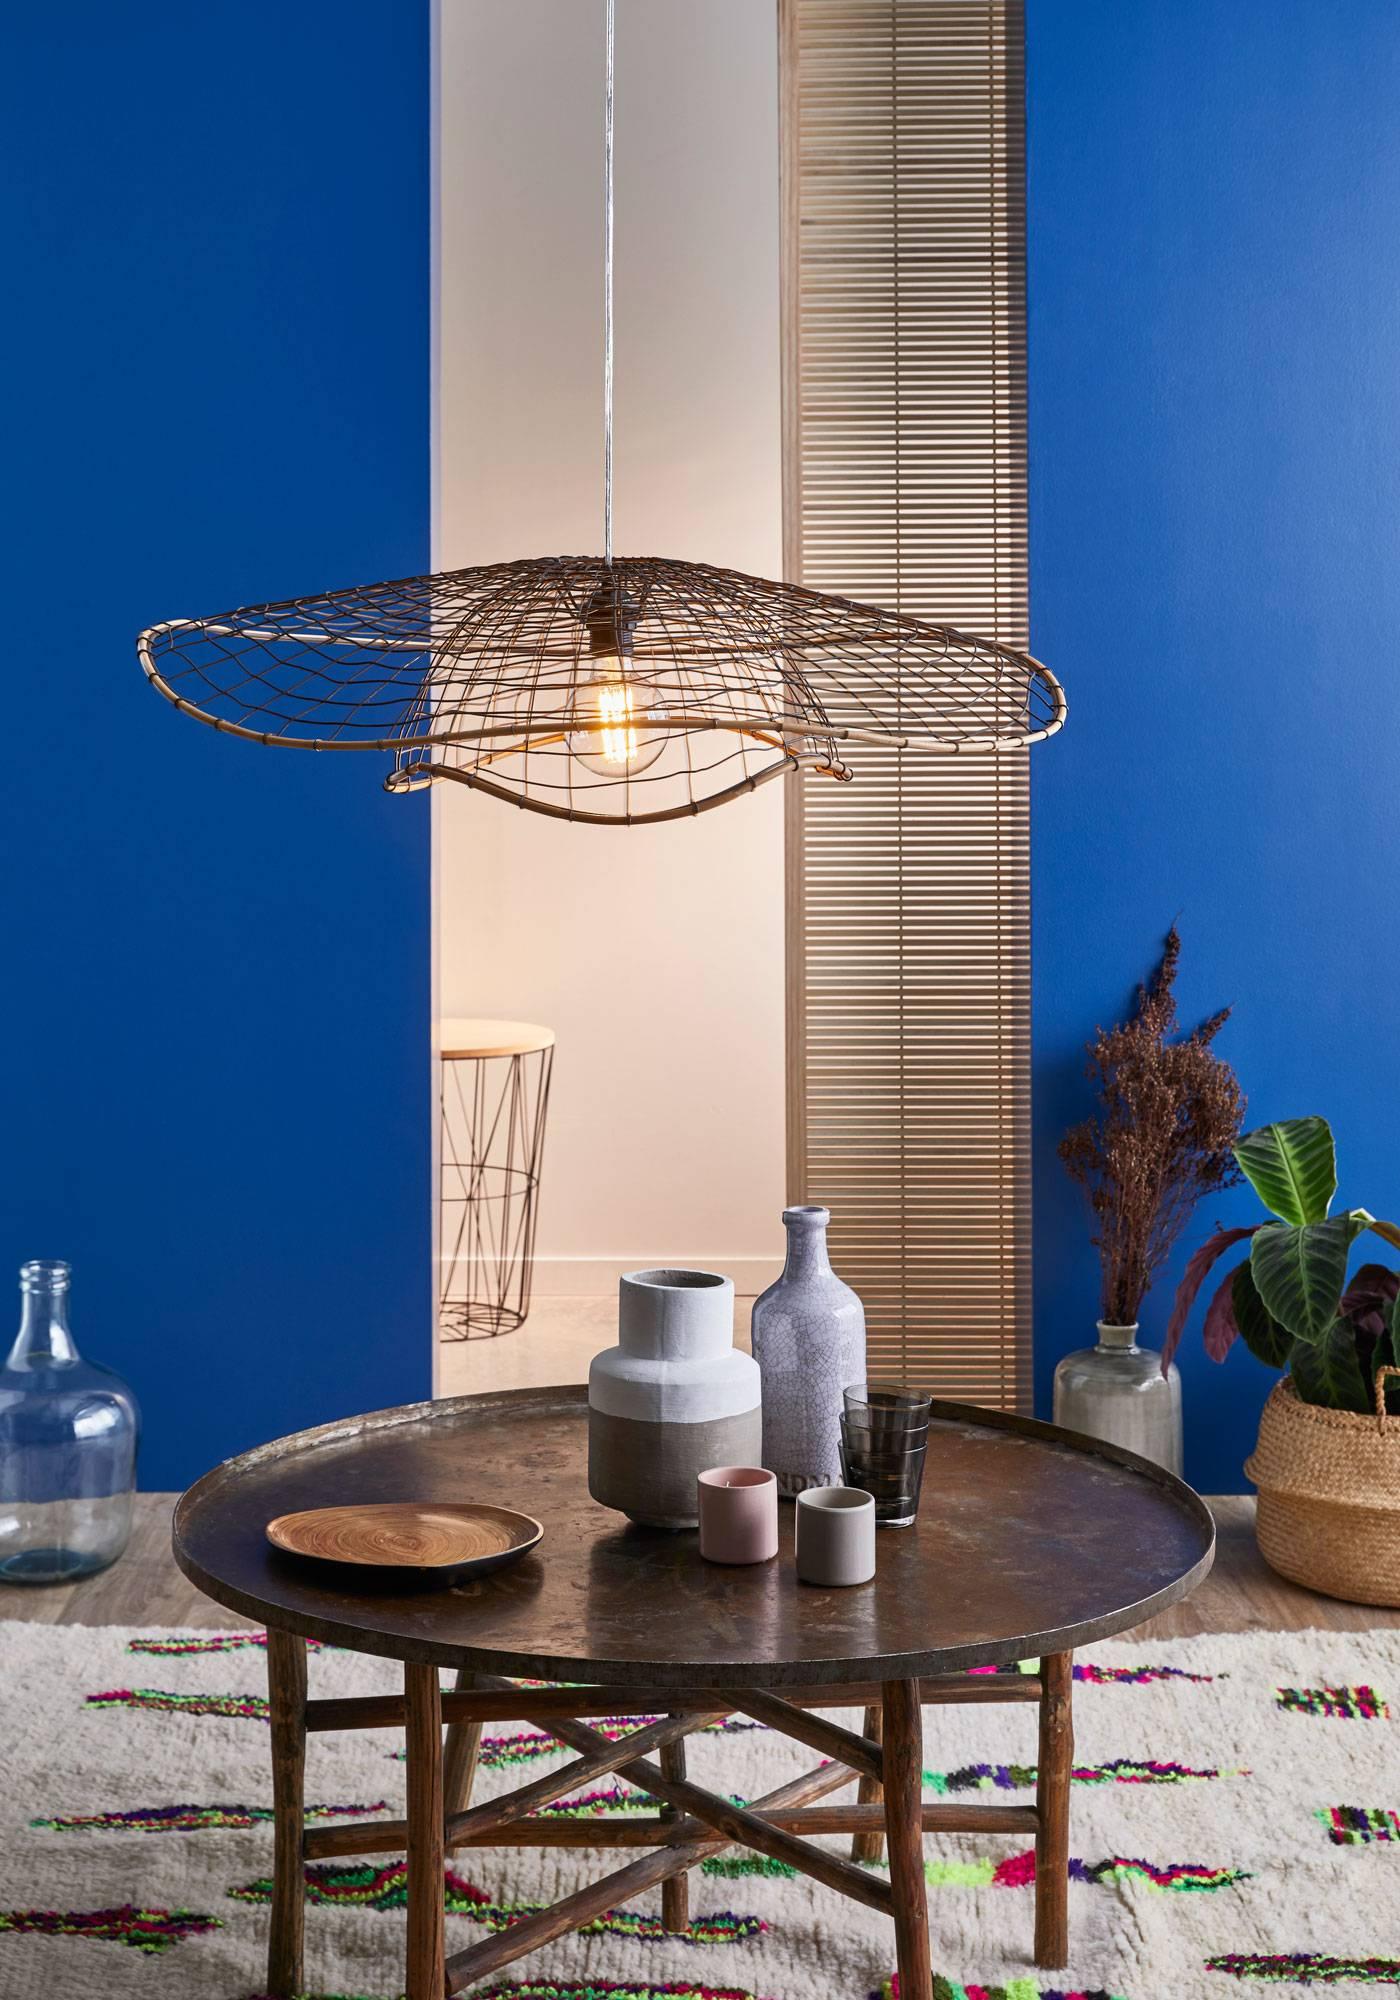 cr ateur de lumi re id es d co meubles et int rieurs design residences decoration magazine. Black Bedroom Furniture Sets. Home Design Ideas